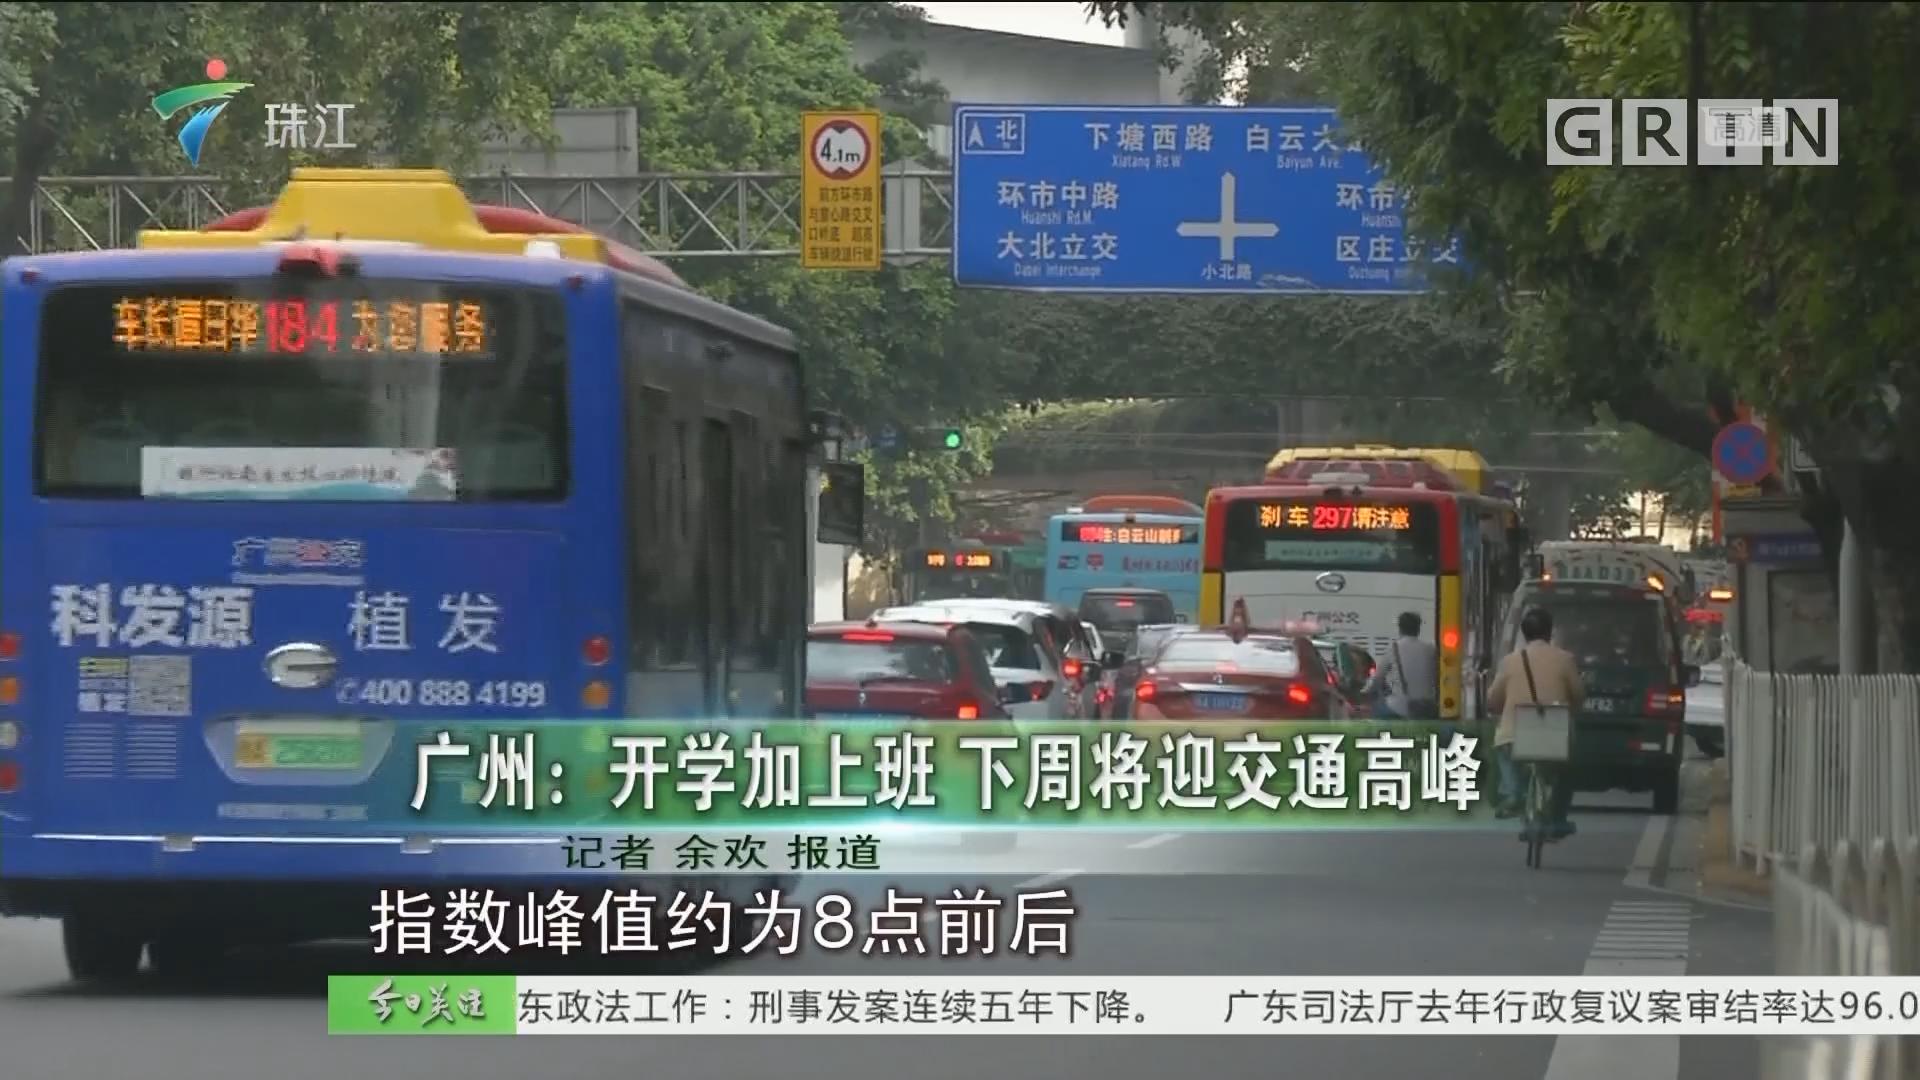 广州:开学加上班 下周将迎交通高峰